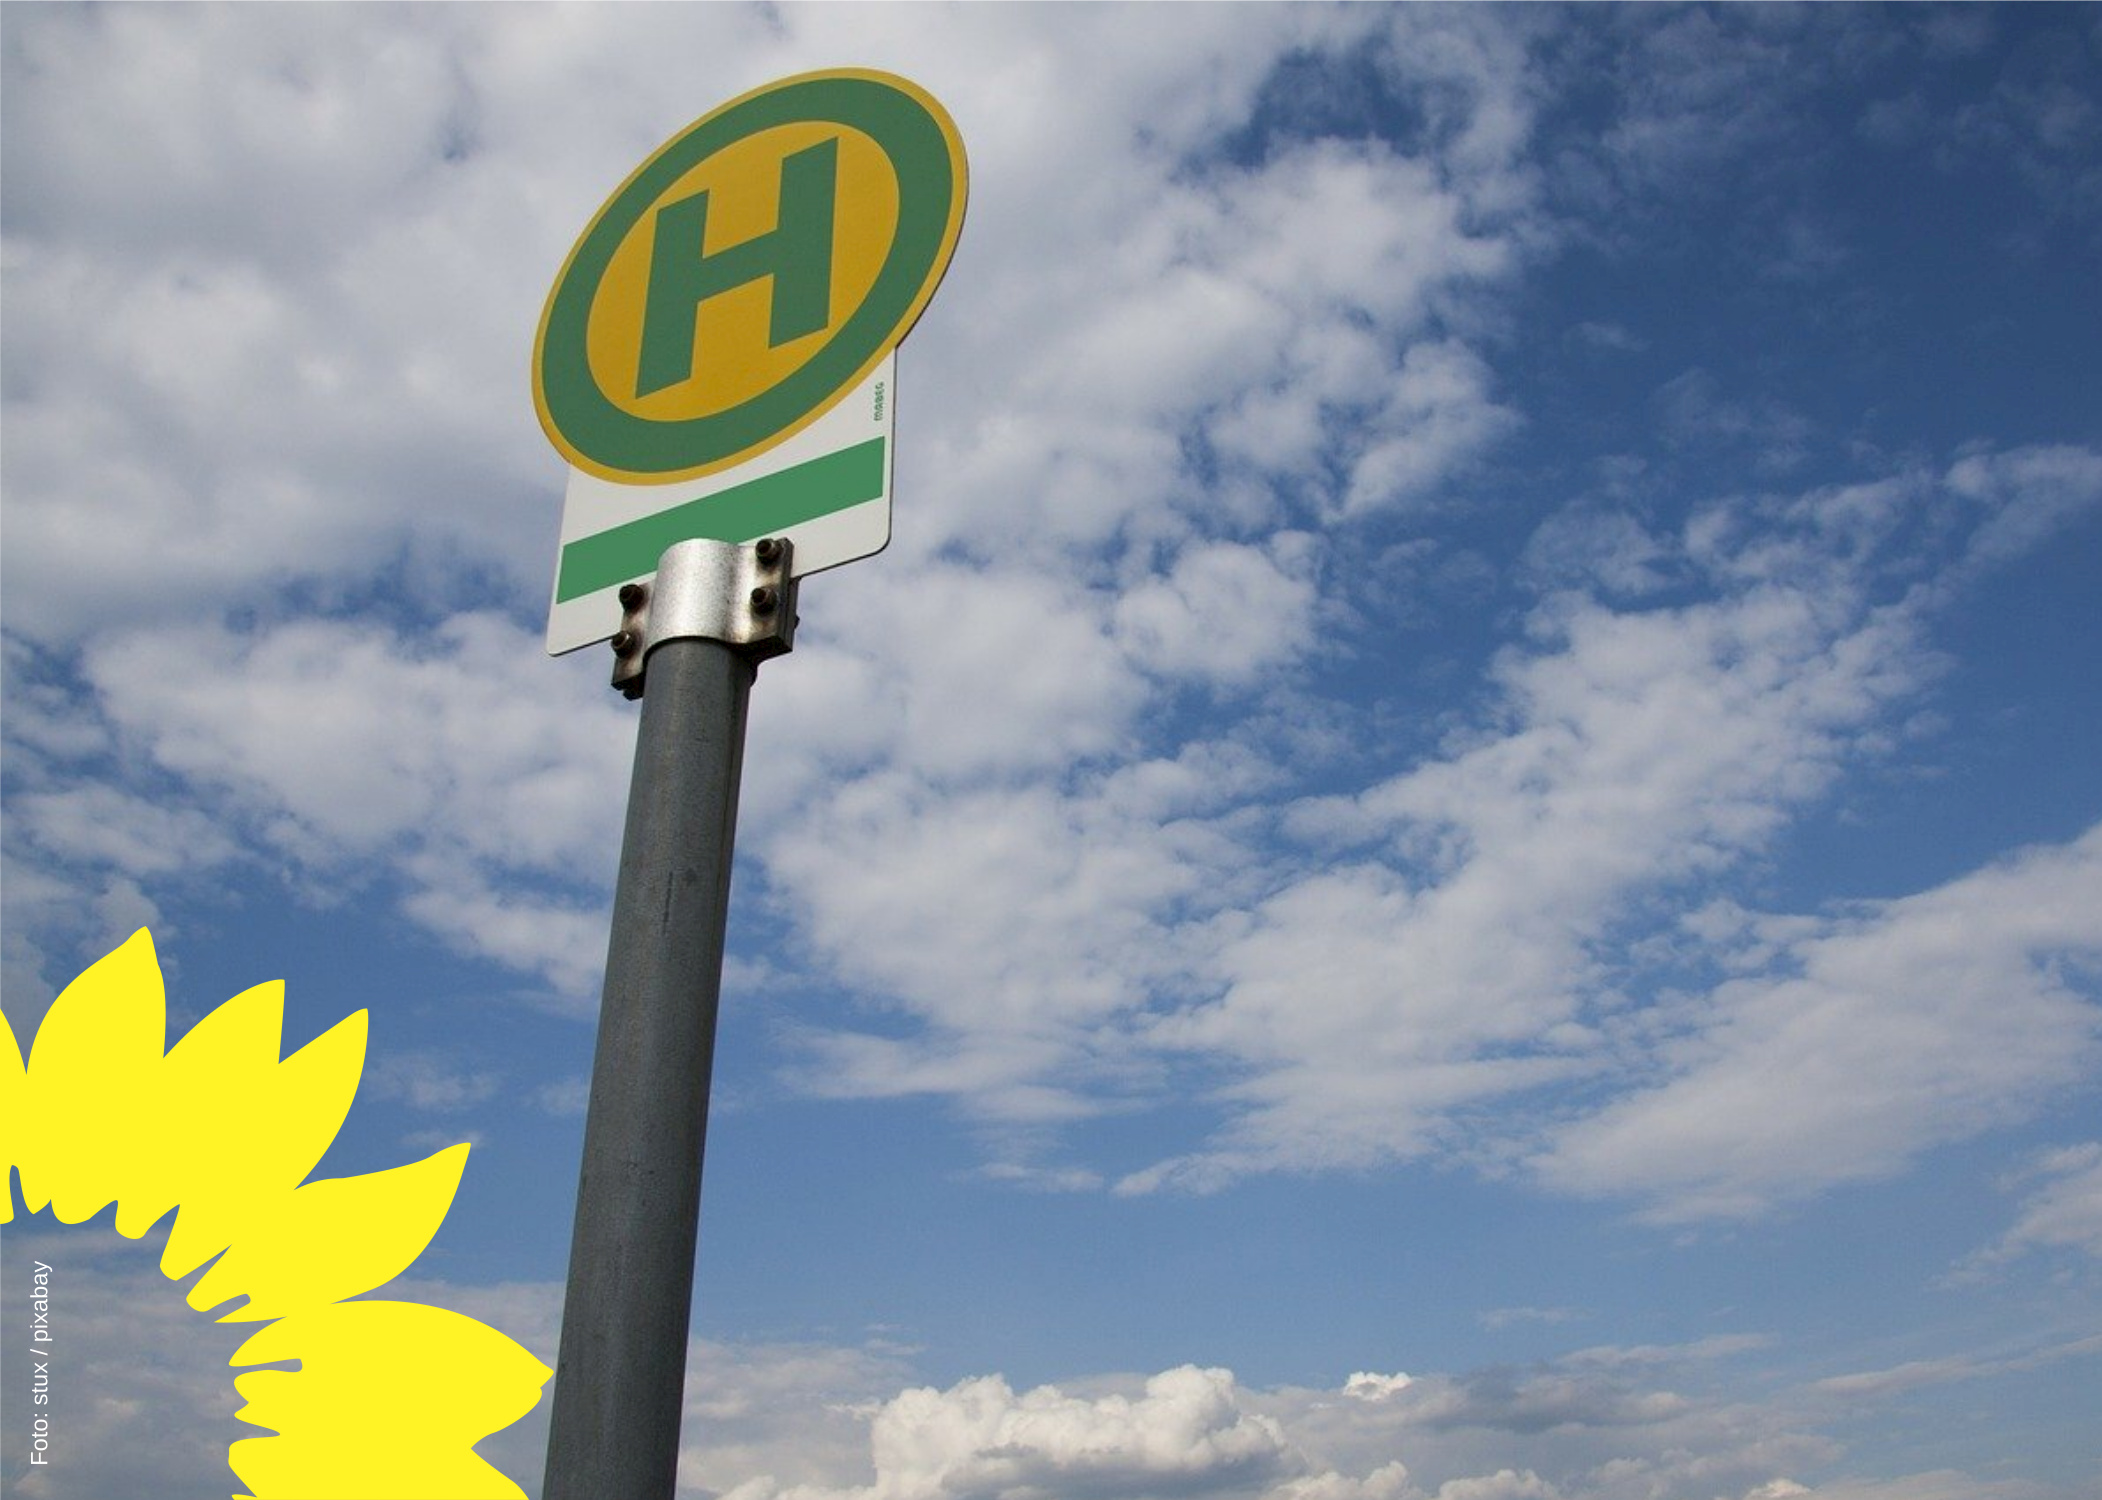 Grüne für elektronische Fahrplan-Anzeigen für City-Bus